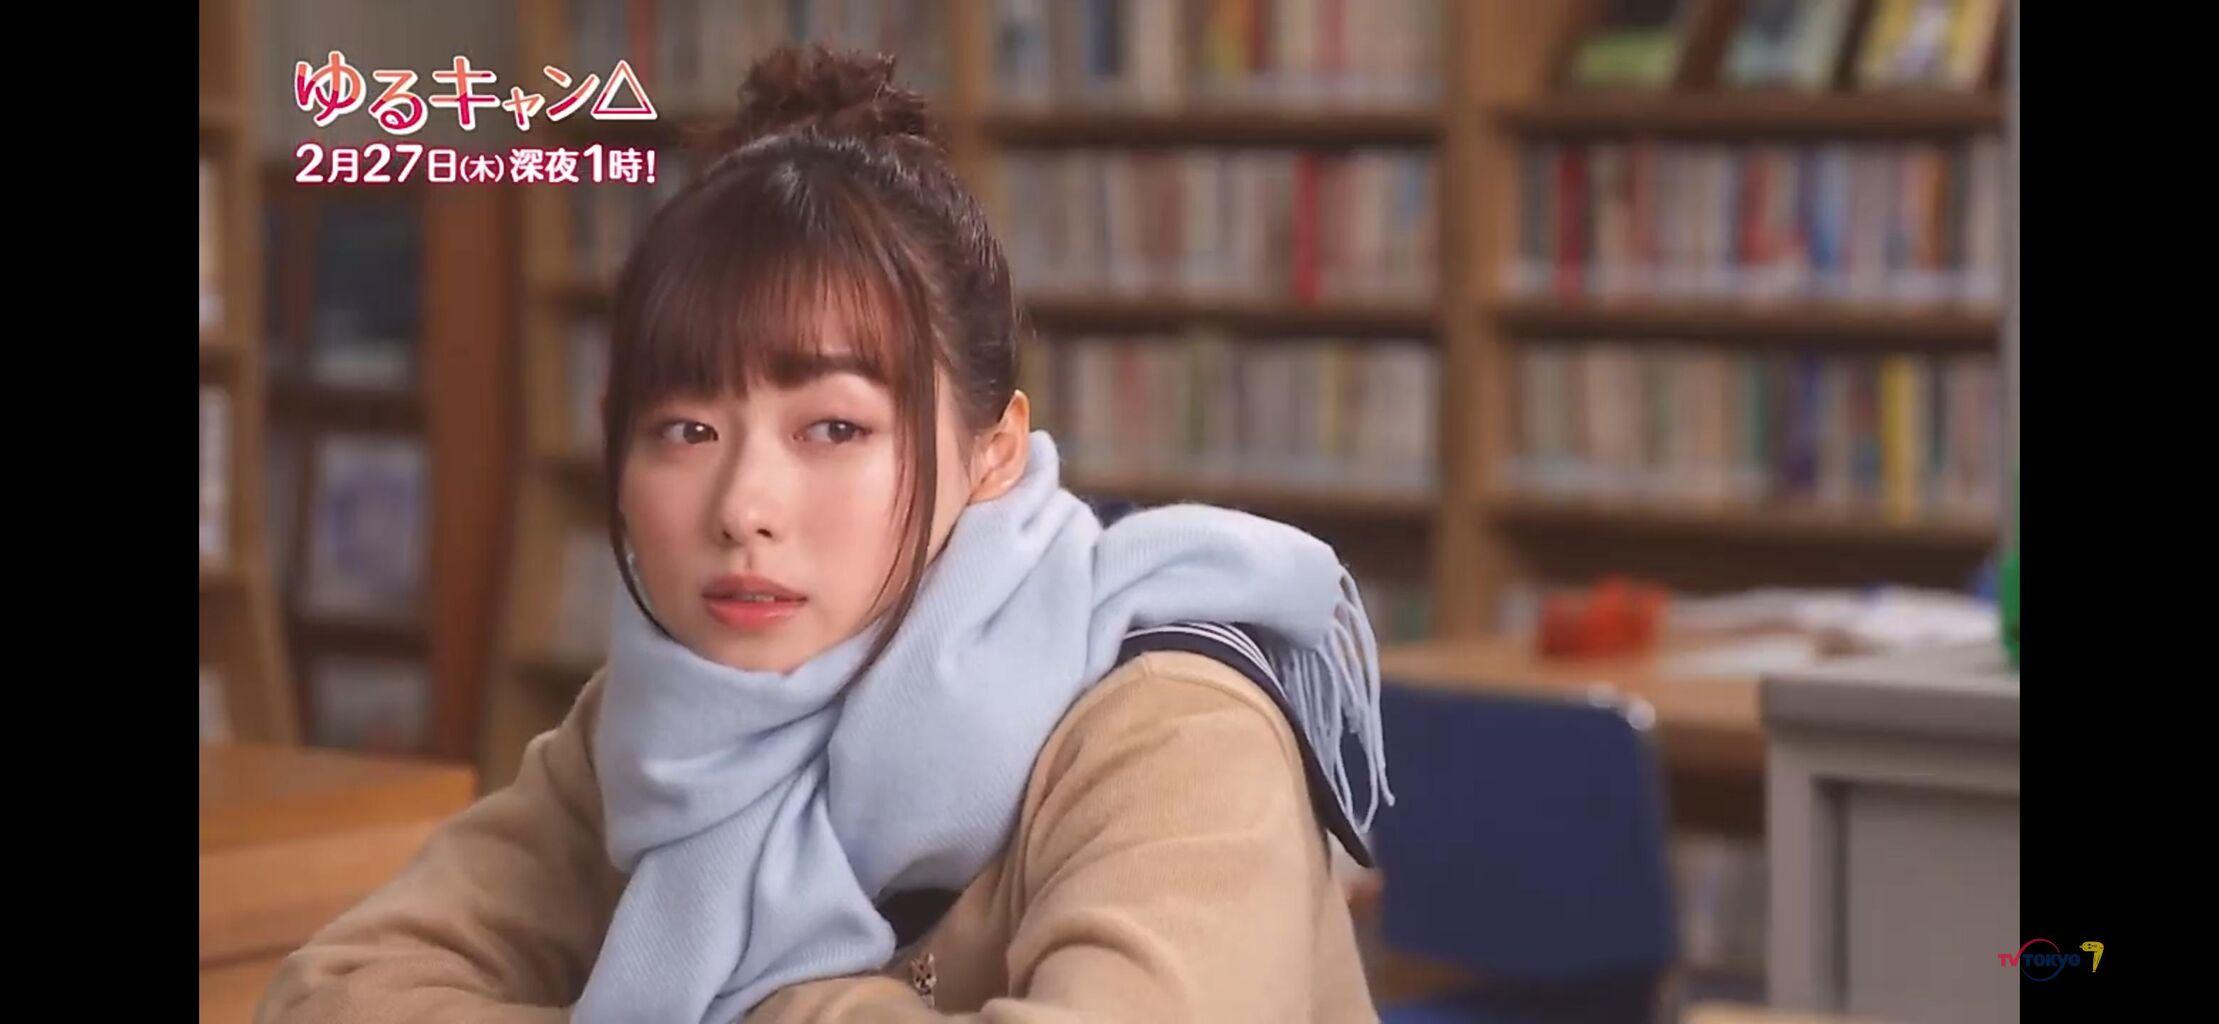 【悲報】ドラマゆるキャン△8話、やっぱり志摩リン以外wwwwwwwwwwwwww